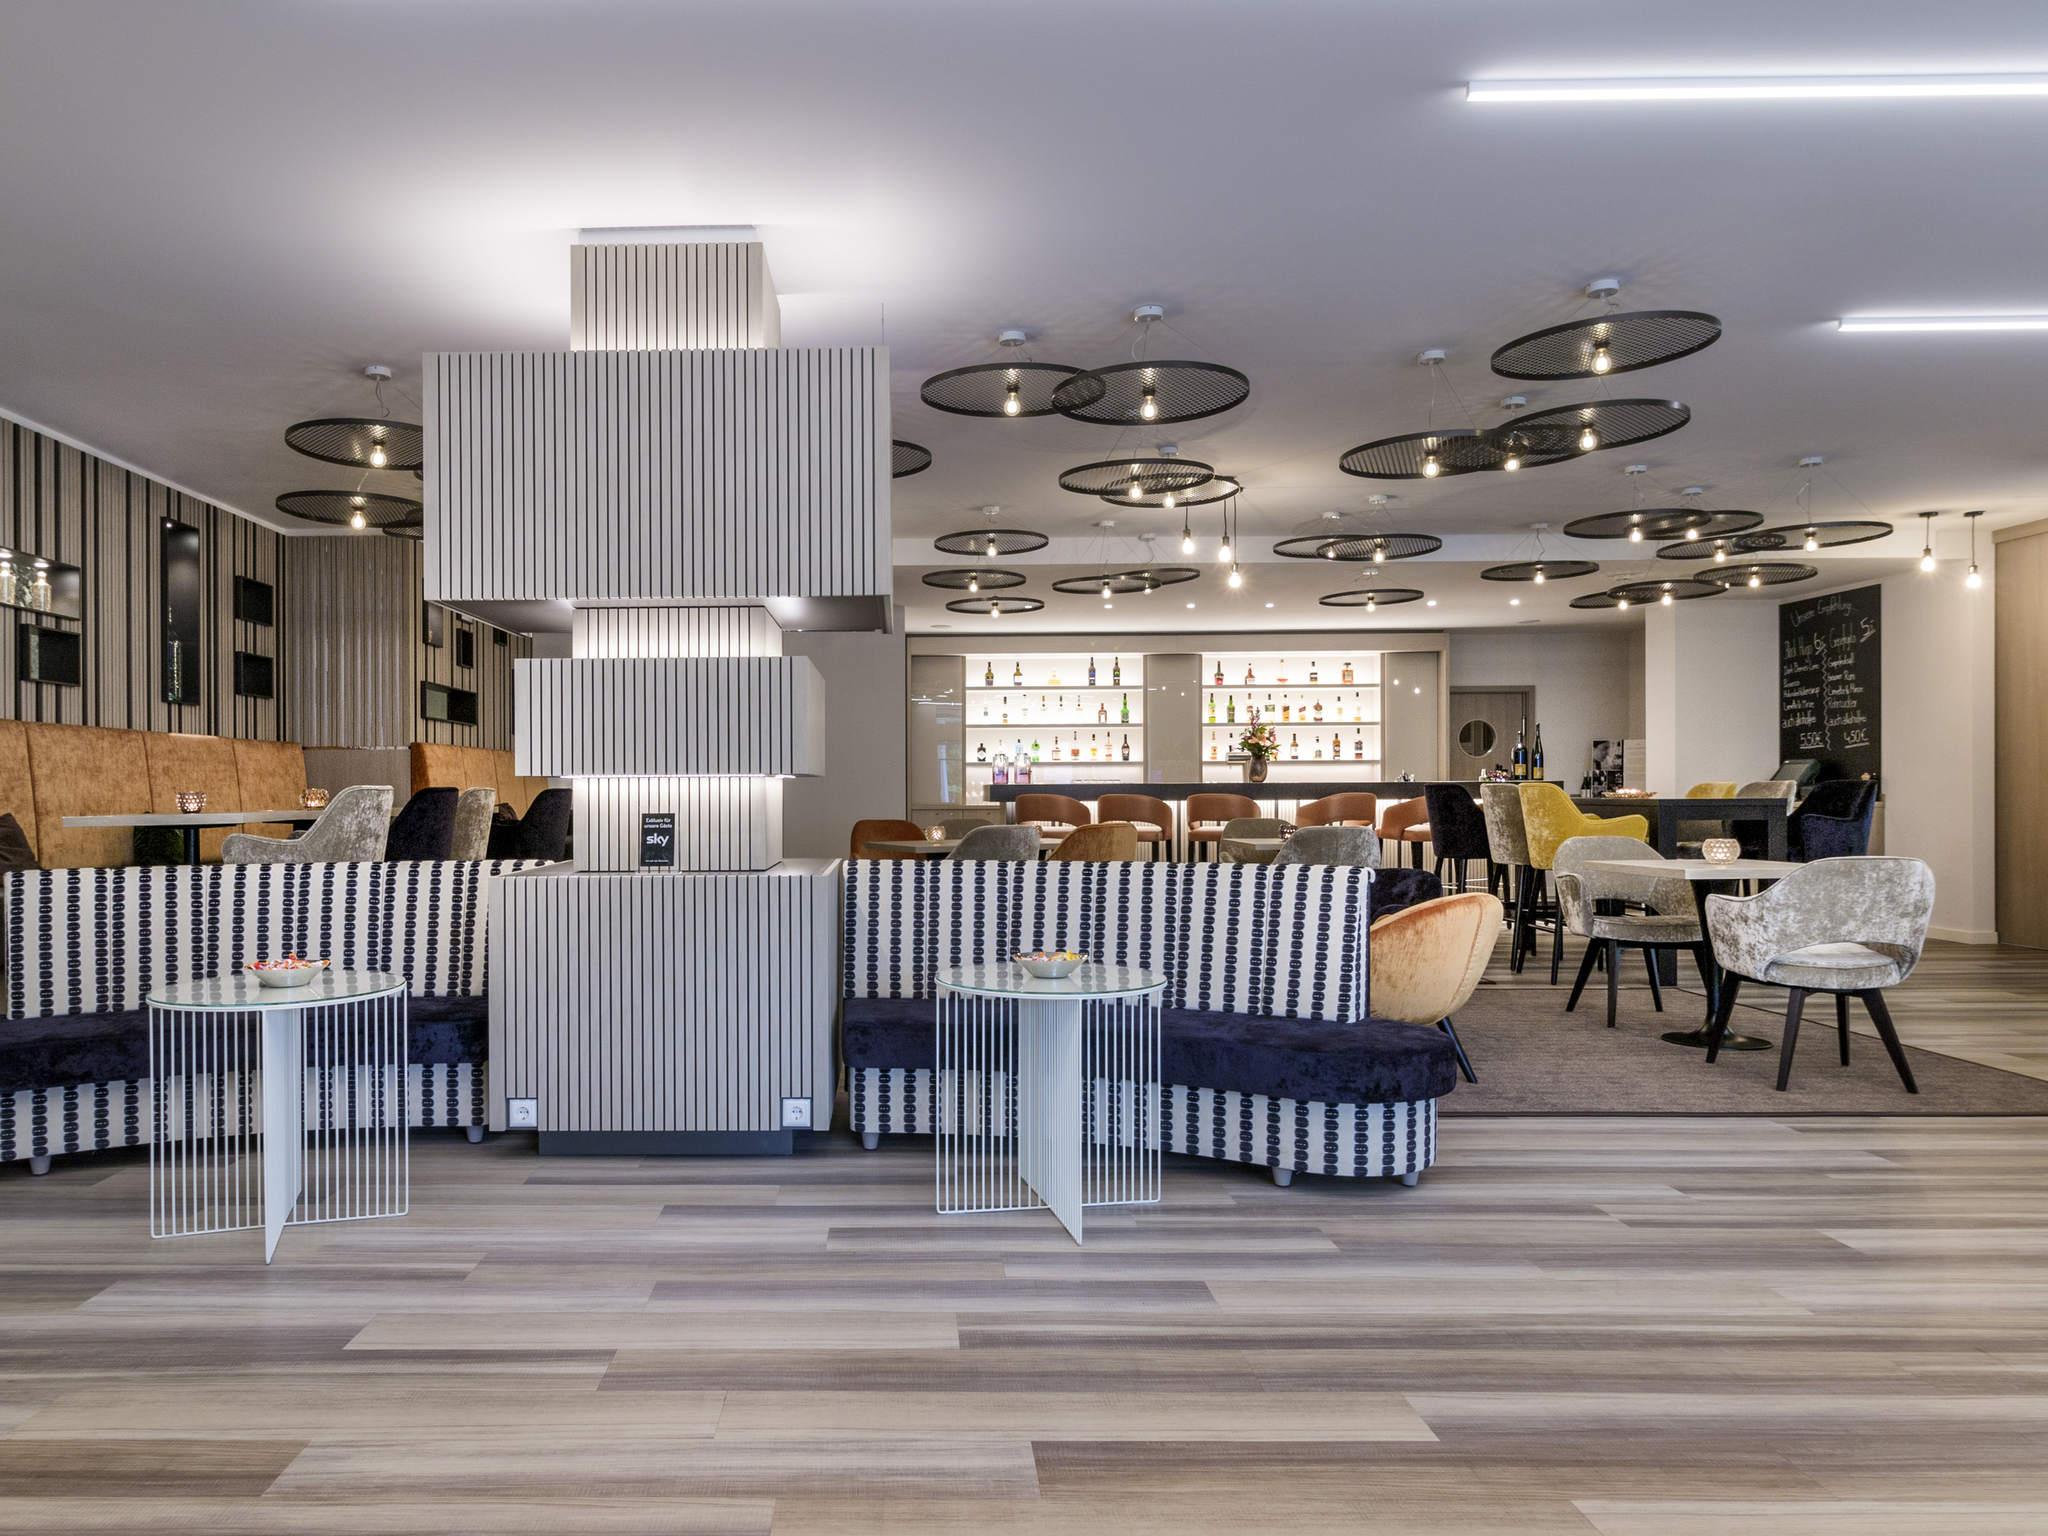 ホテル – メルキュール ホテル ハノーファー オルデンブルガー アレー